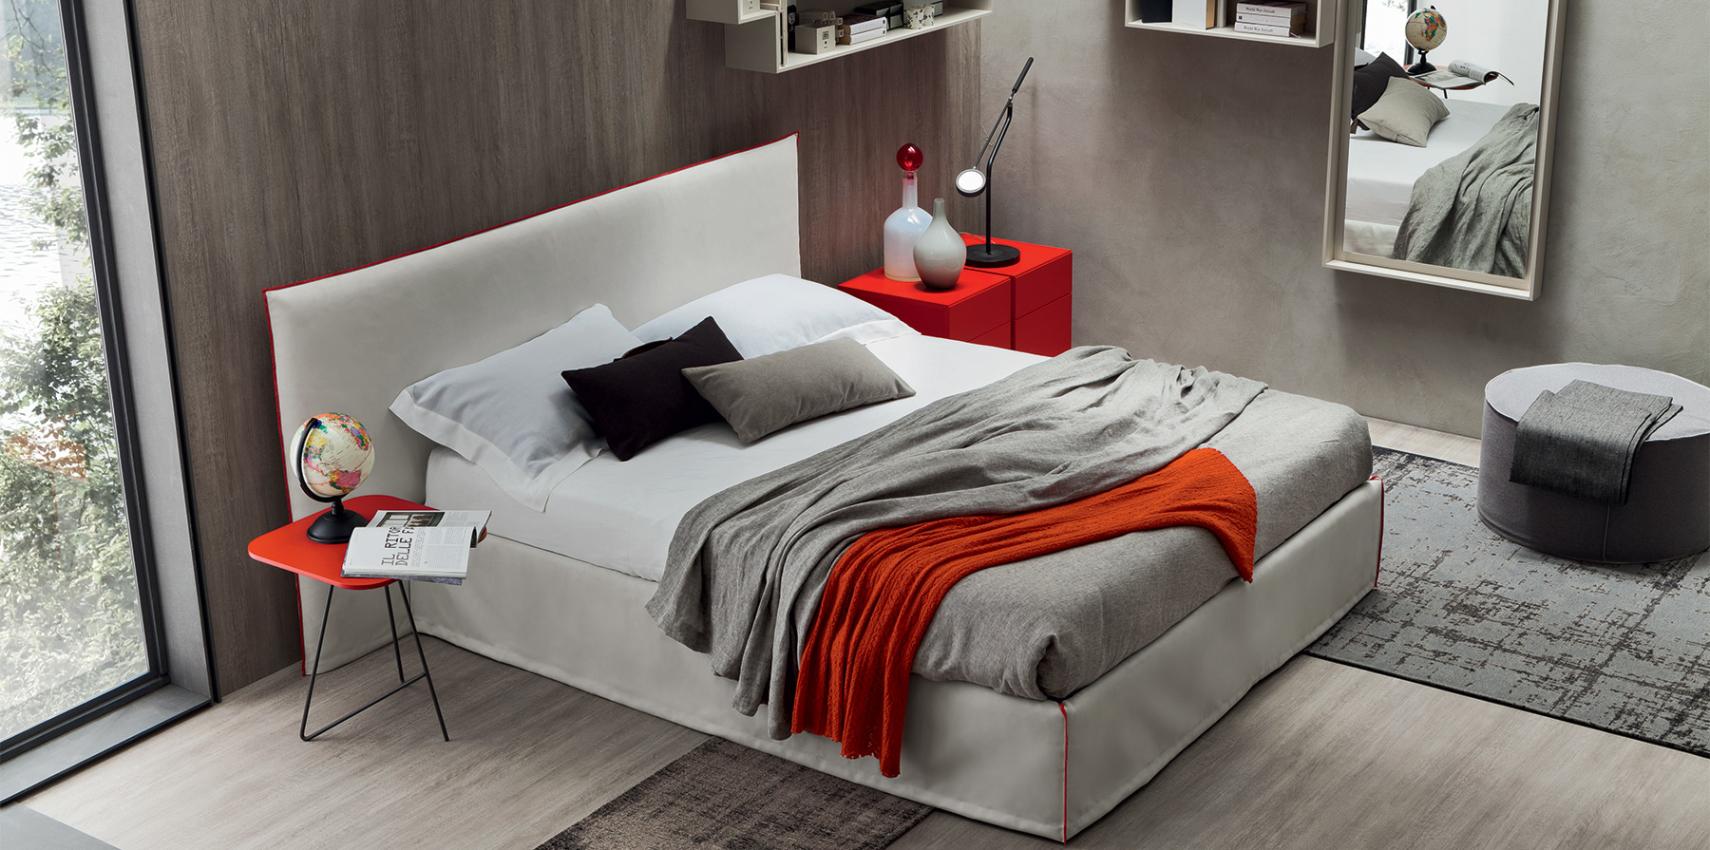 Idee per arredare la camera da letto matrimoniale - CdM